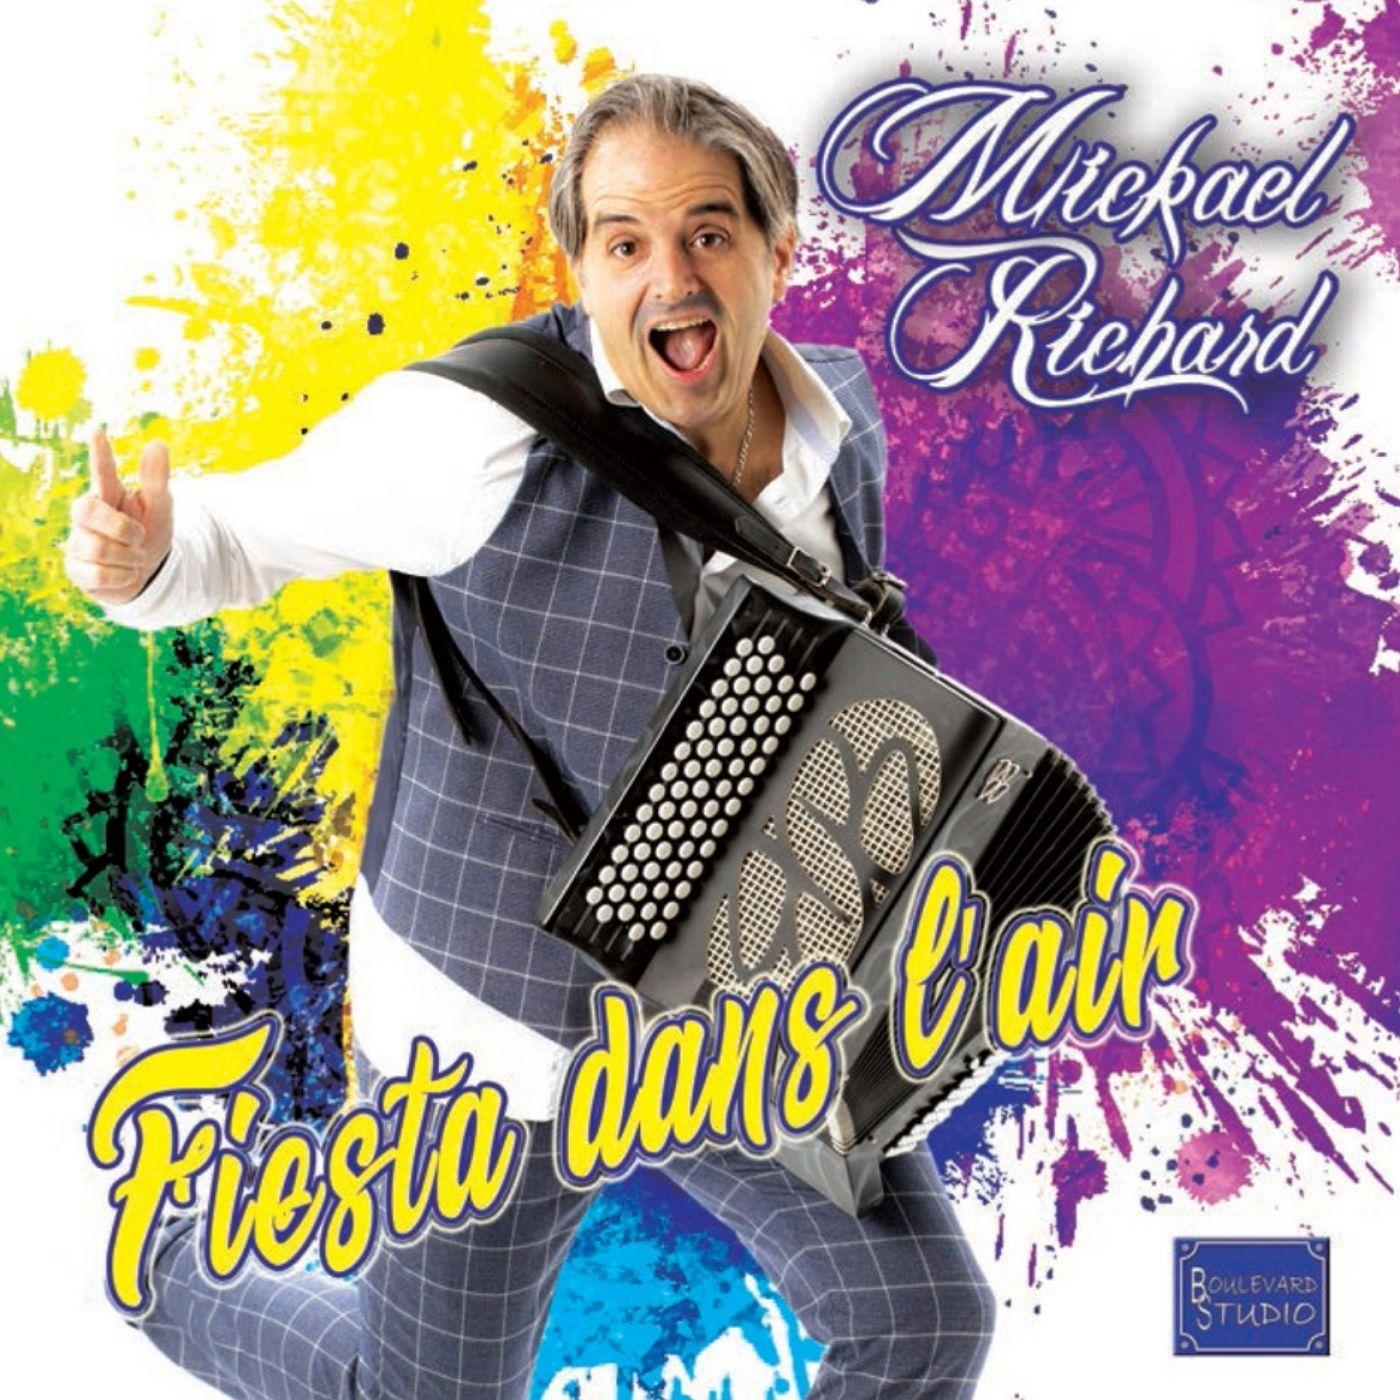 CD Mickaël RICHARD - Fiesta dans l'air